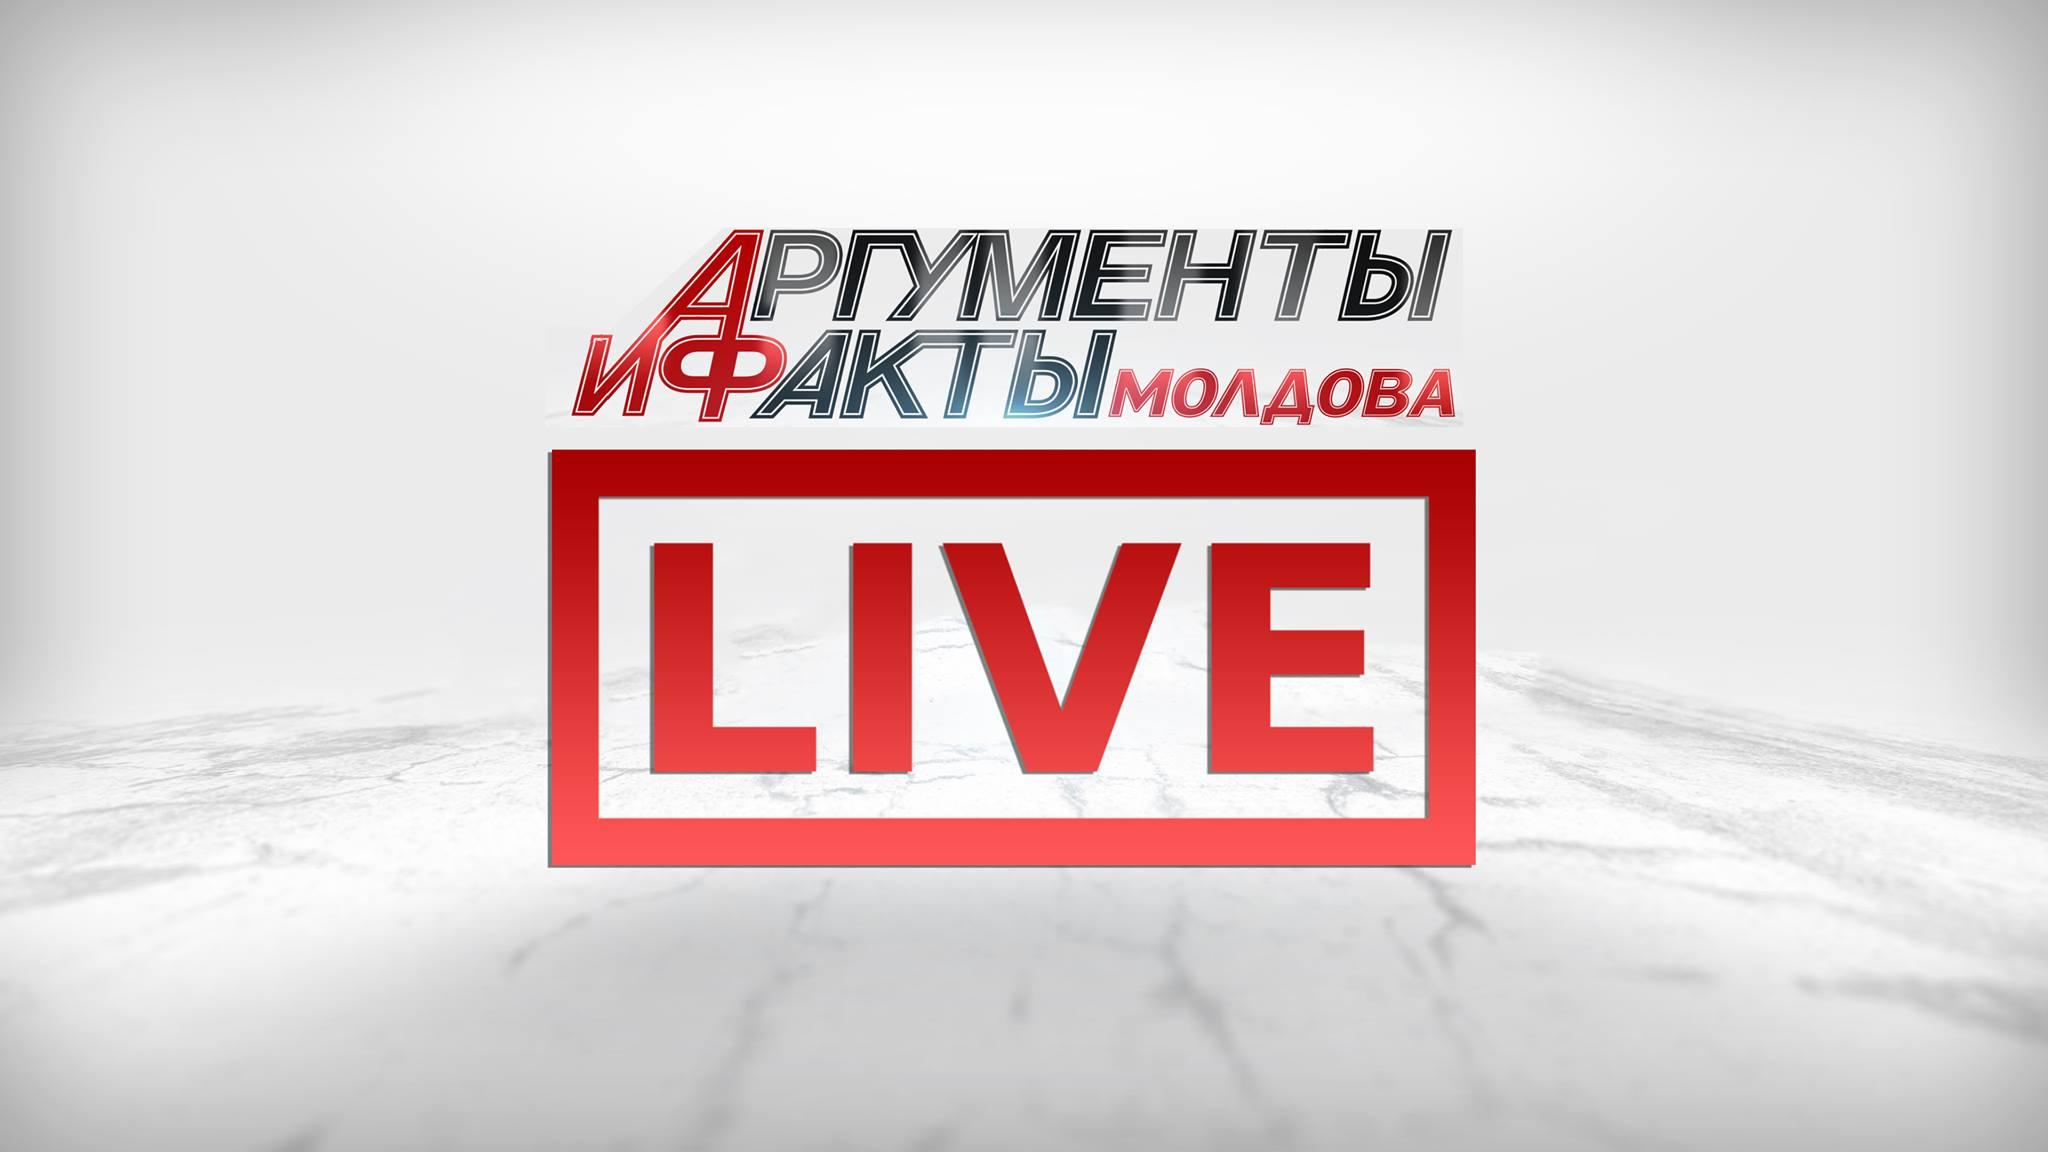 LIVE! Руководство страны выступает с заявлениями для прессы (ВИДЕО)